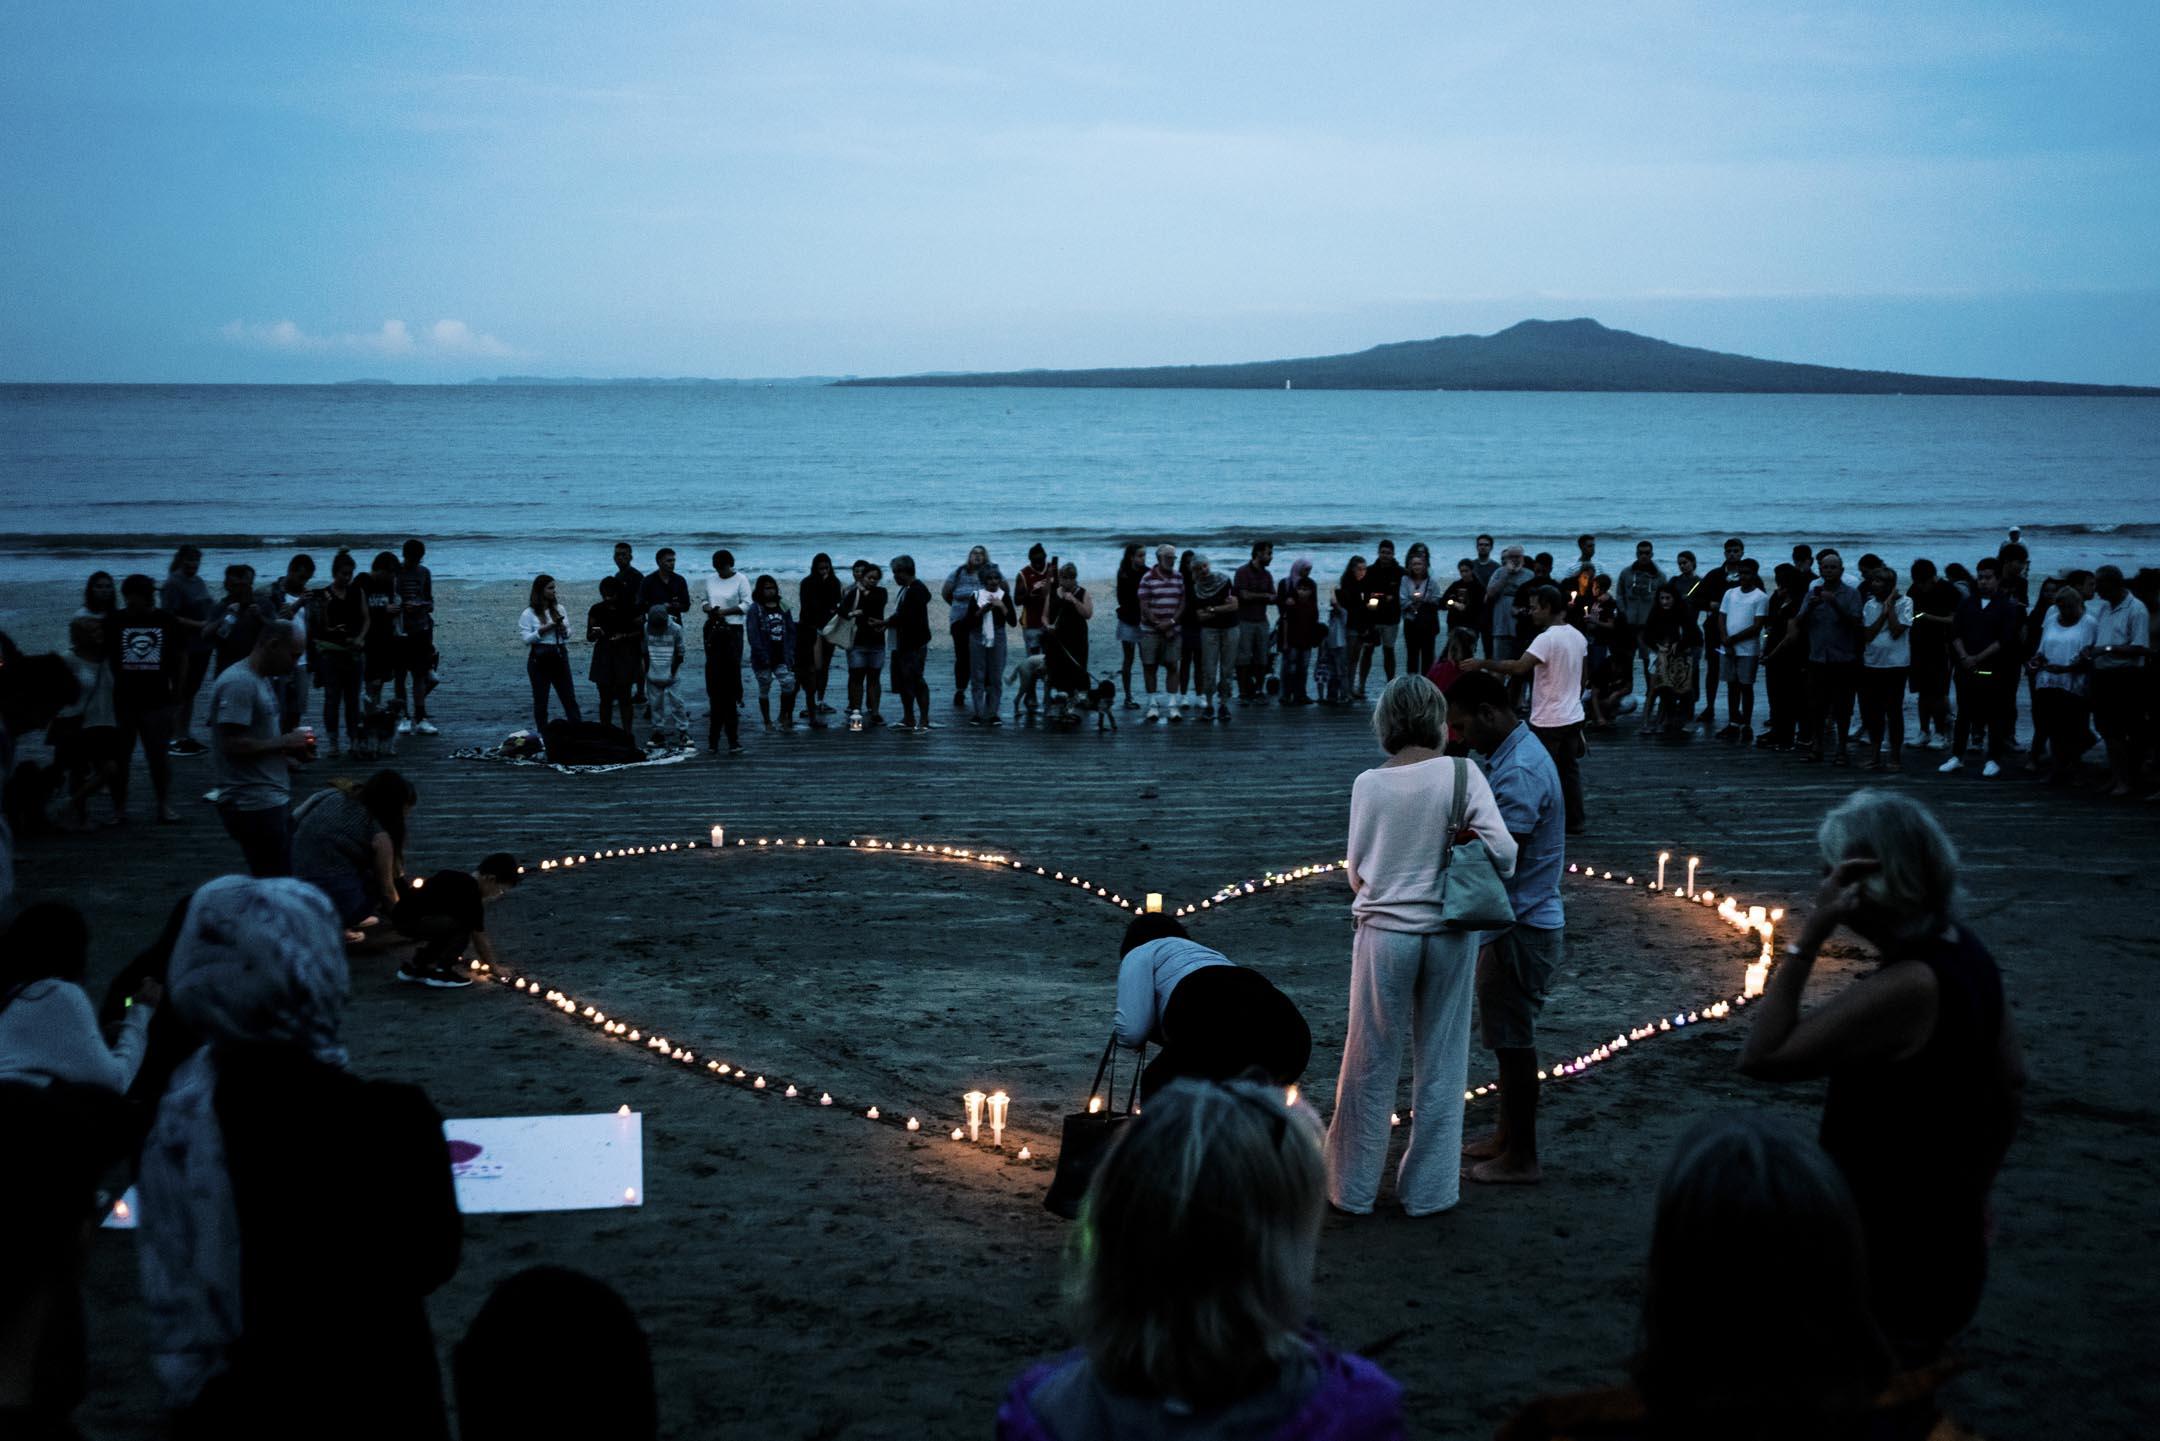 2019年3月16日,人群聚集在塔卡普納海灘上,以紀念在新西蘭舉行的基督城清真寺恐怖襲擊的受害者。 攝:Cam McLaren/Getty Images